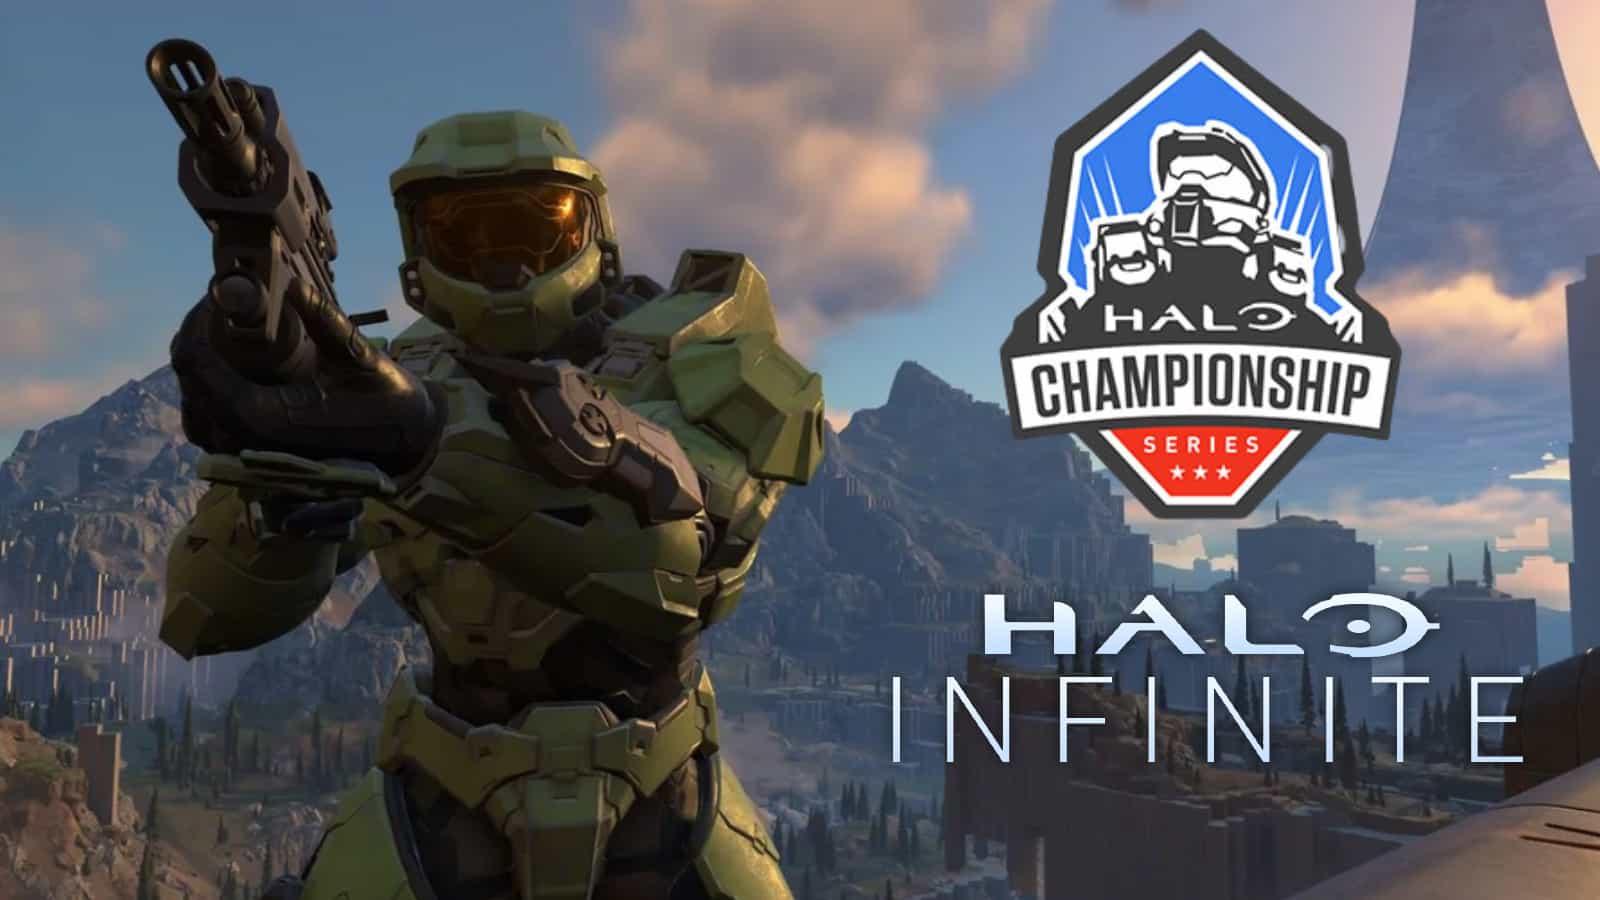 Annunciati i team di eSport di Halo Infinite: Cloud9, FaZe, Envy, altro